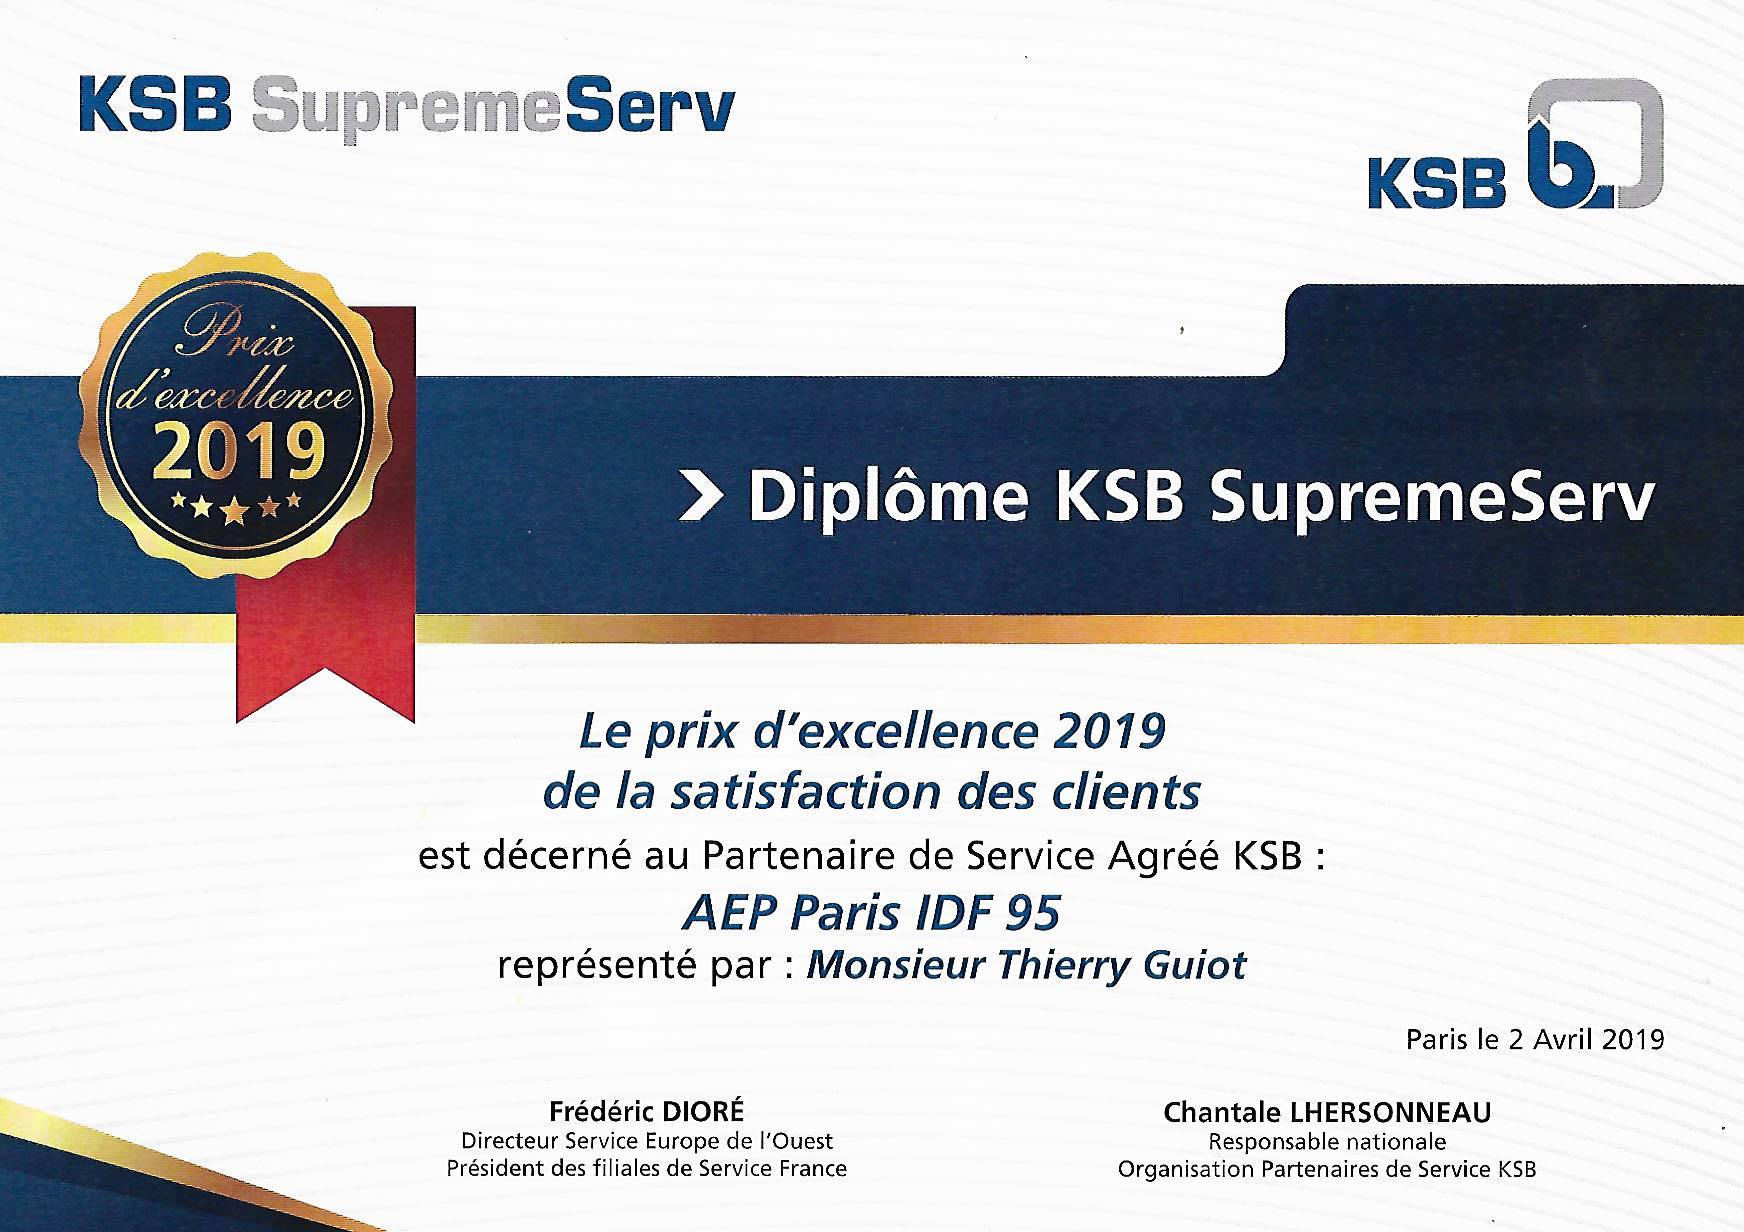 AEP PARIS ILE DE FRANCE ET KSB